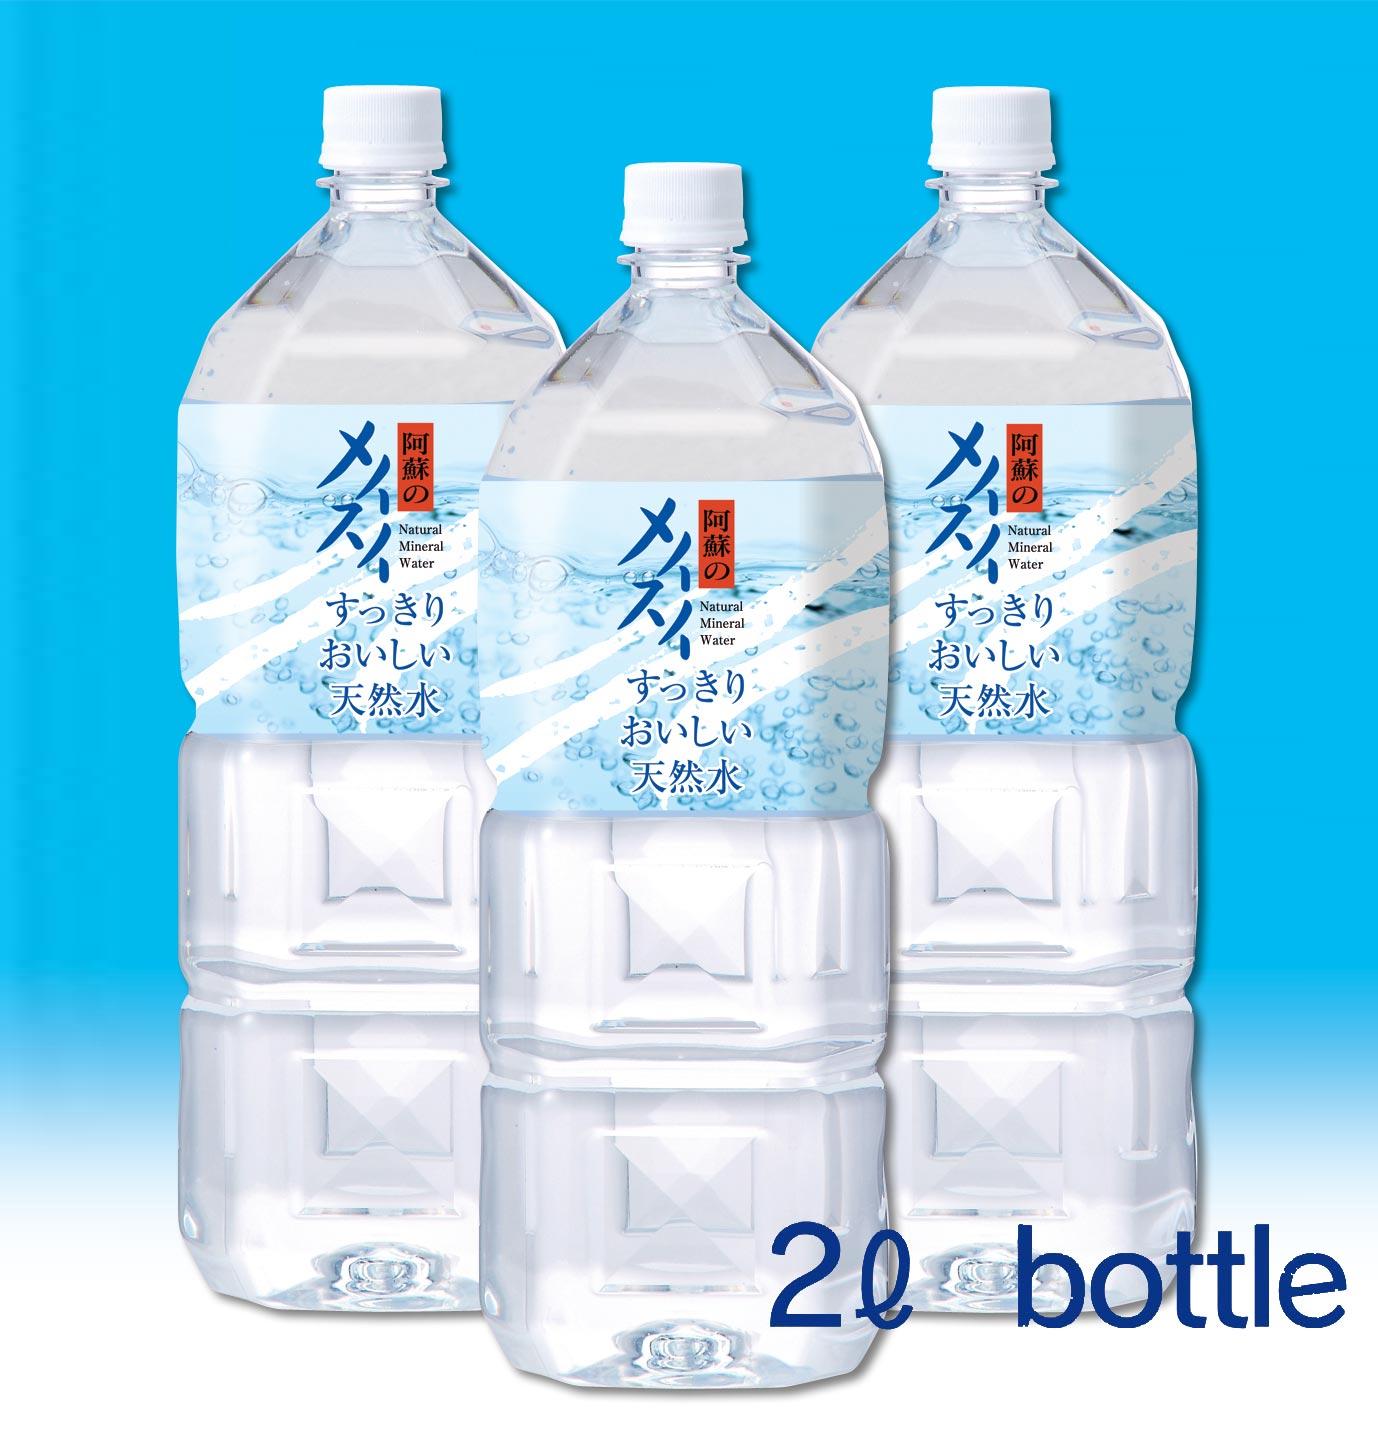 リットル ペット ボトル 2